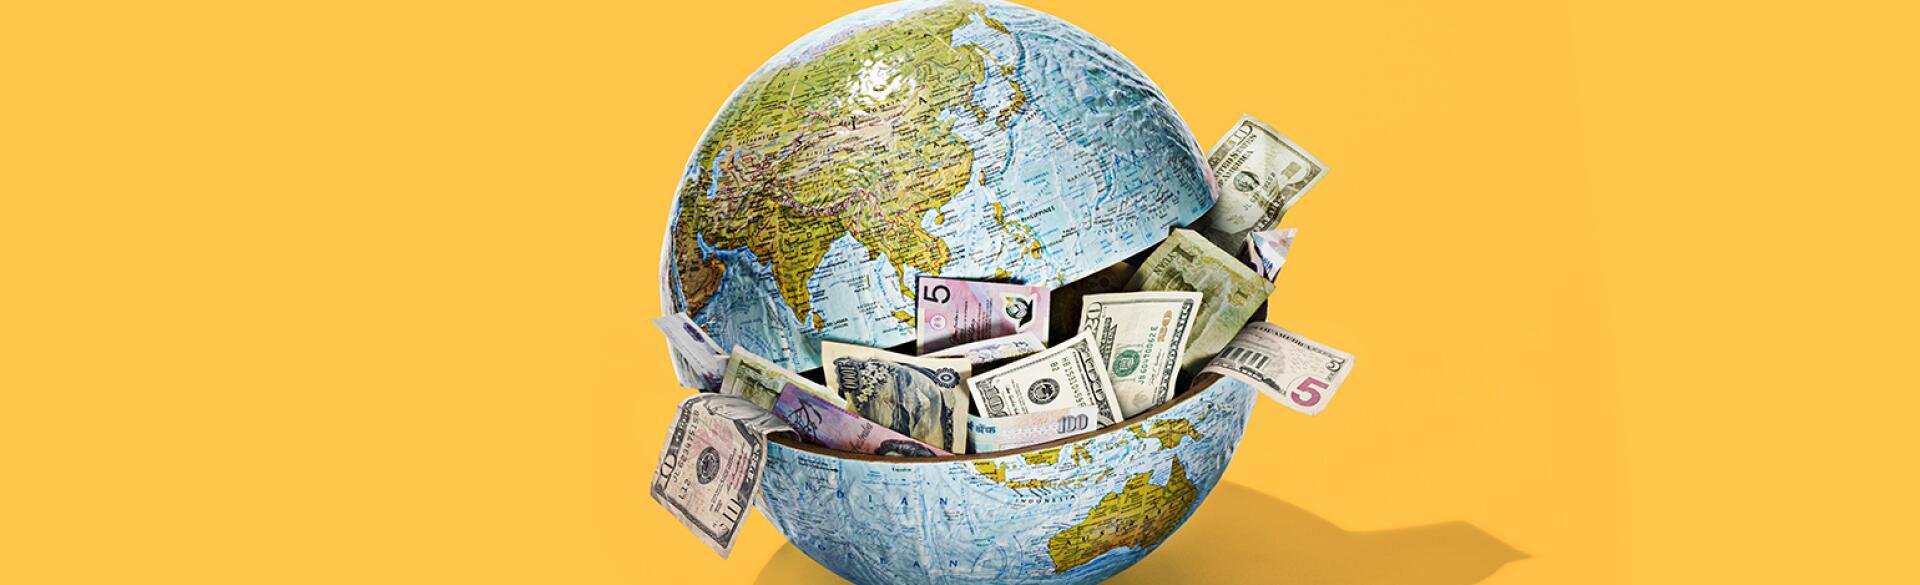 globe, travel, aarp, sisters